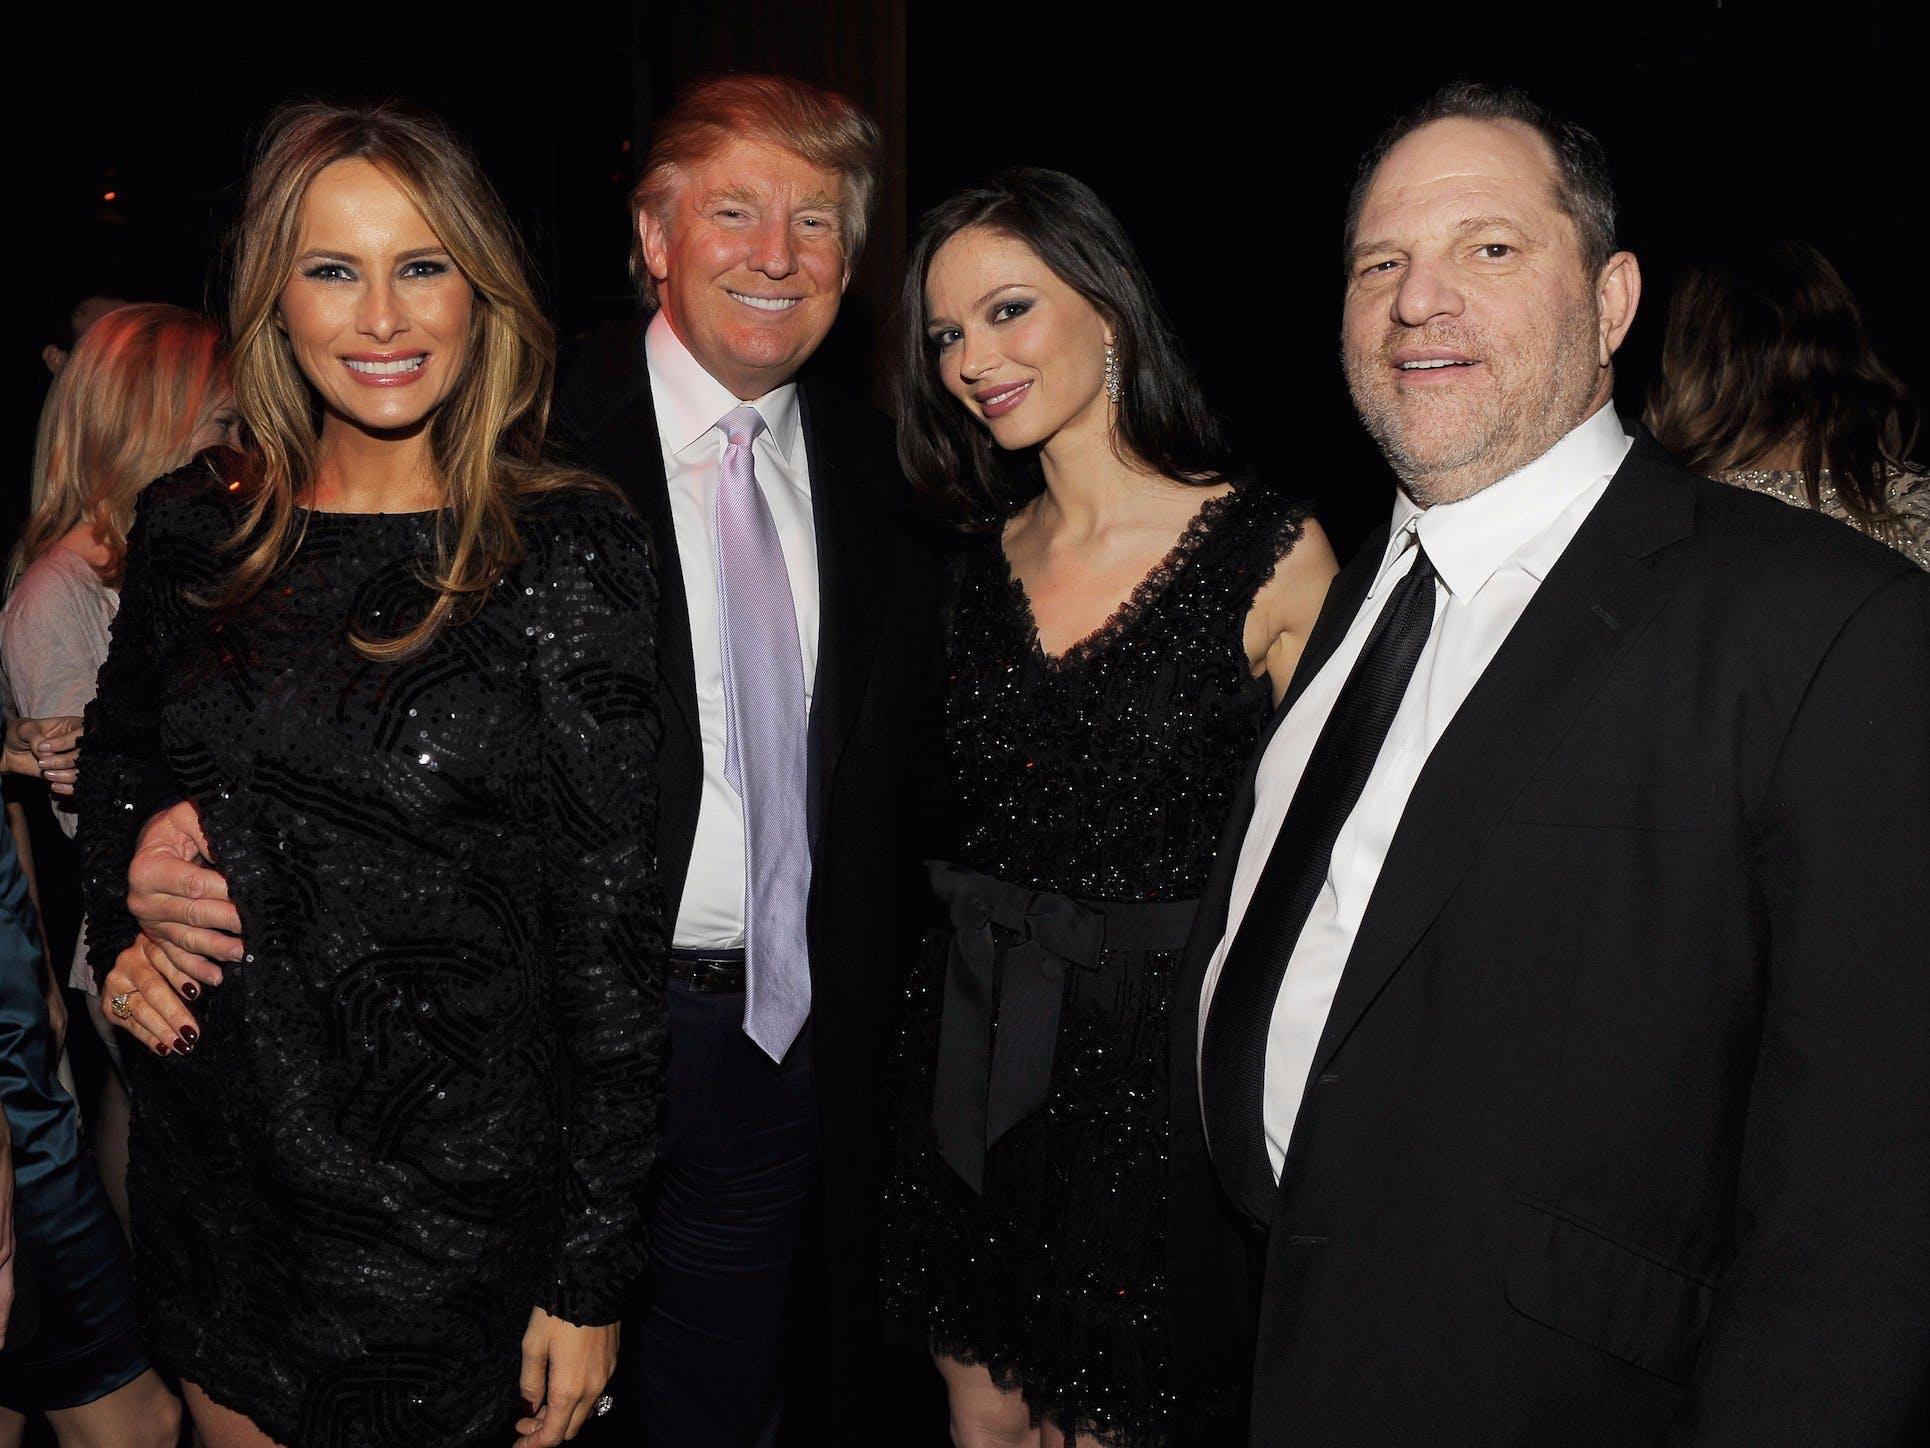 Scandalo Harvey Weinstein Donald Trump Melania